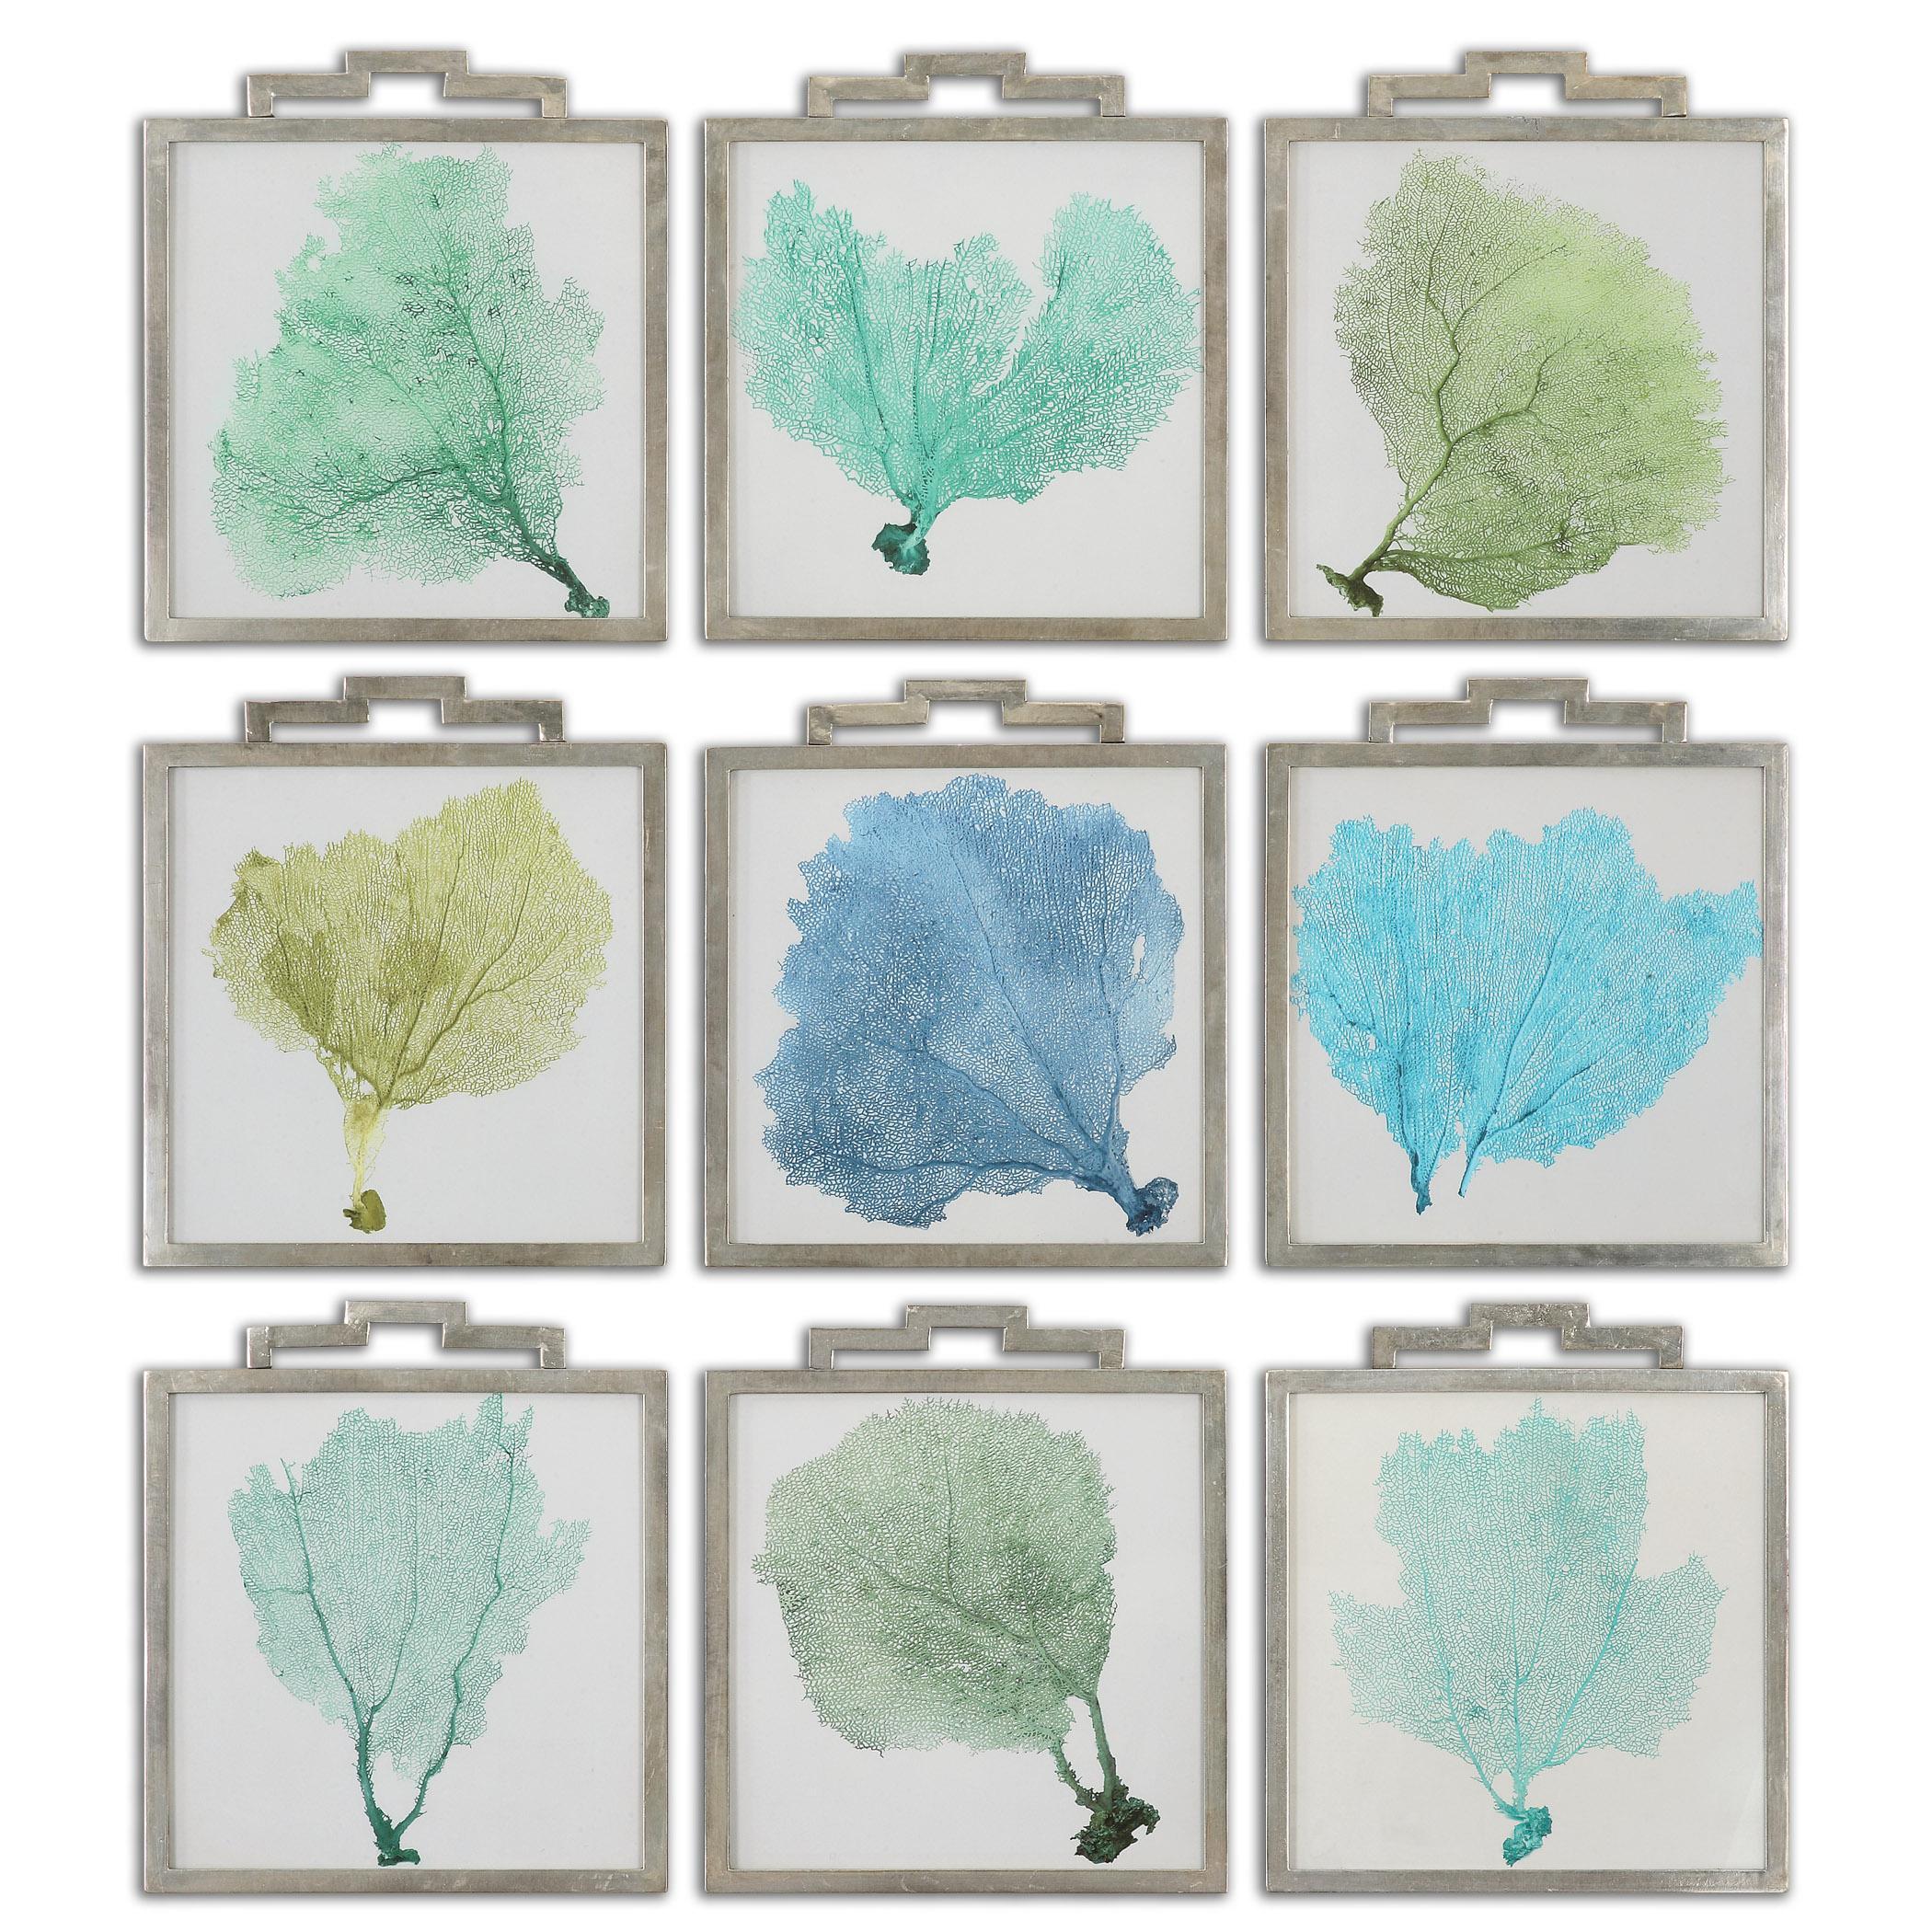 Uttermost Art Sea Fans Framed Art Set of 9 - Item Number: 35239